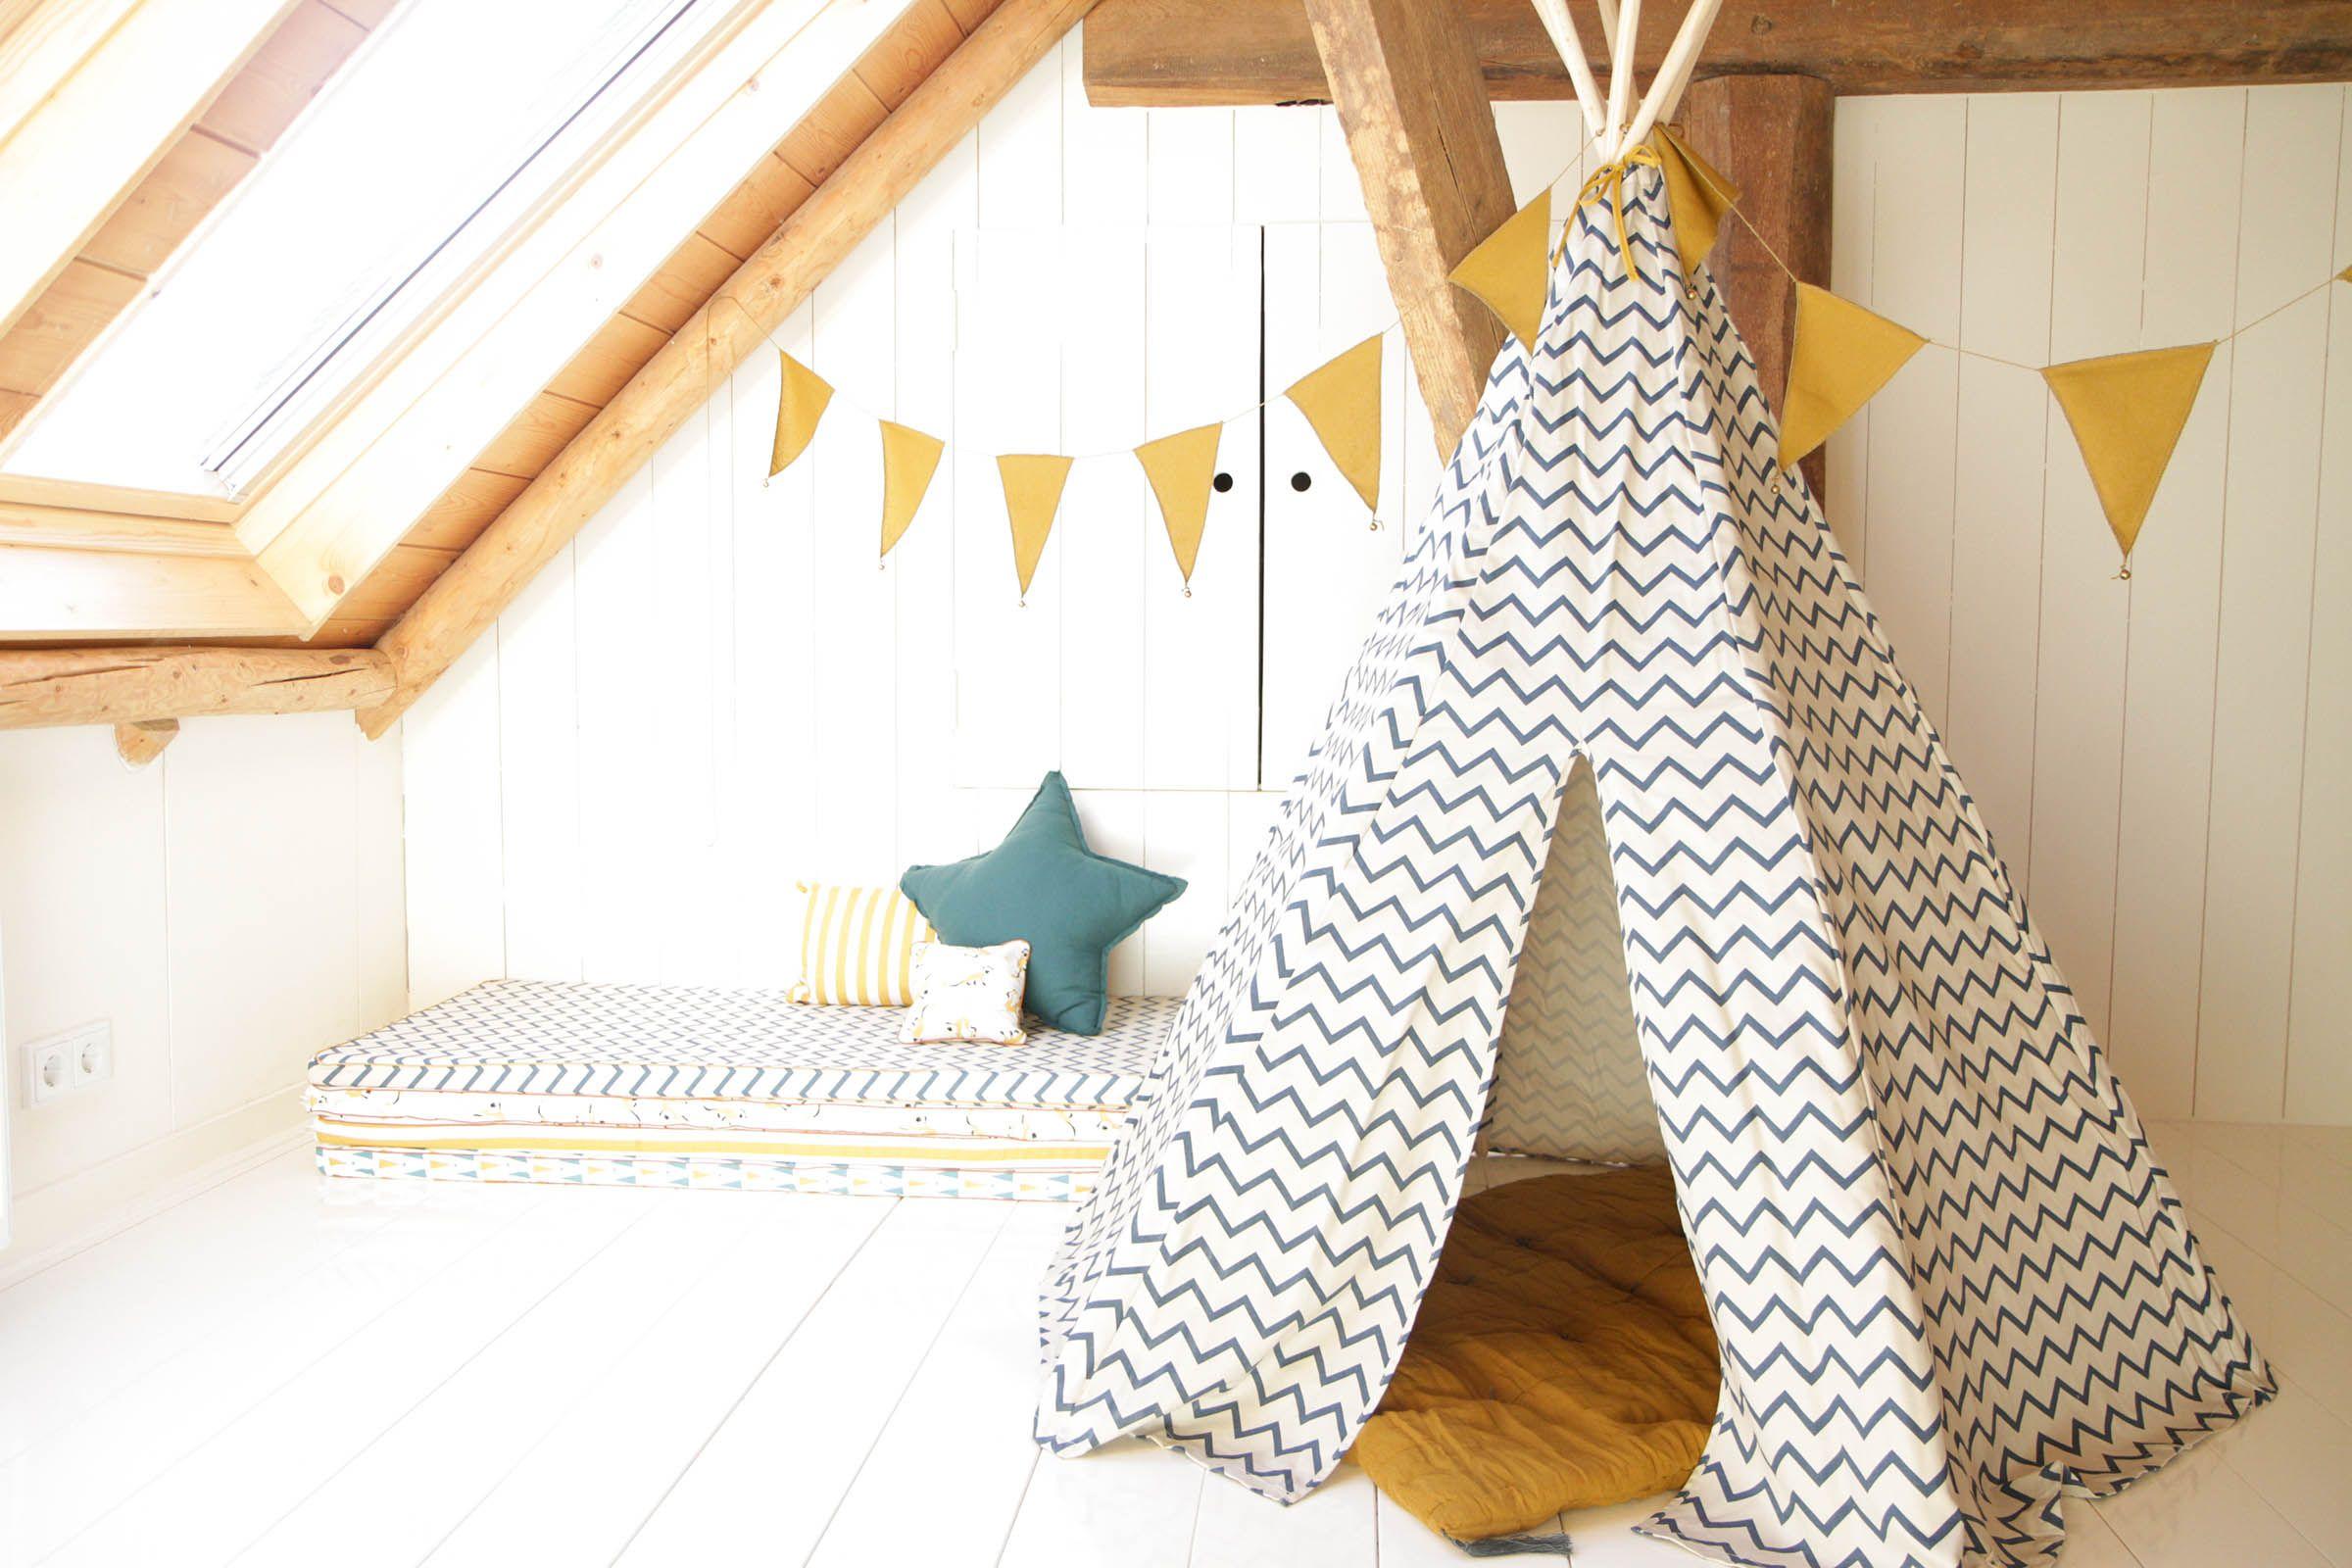 Tipi Tent Kinderkamer : Kinderkamer inspiratie speelmaterasjes en tipi tent voor knusse